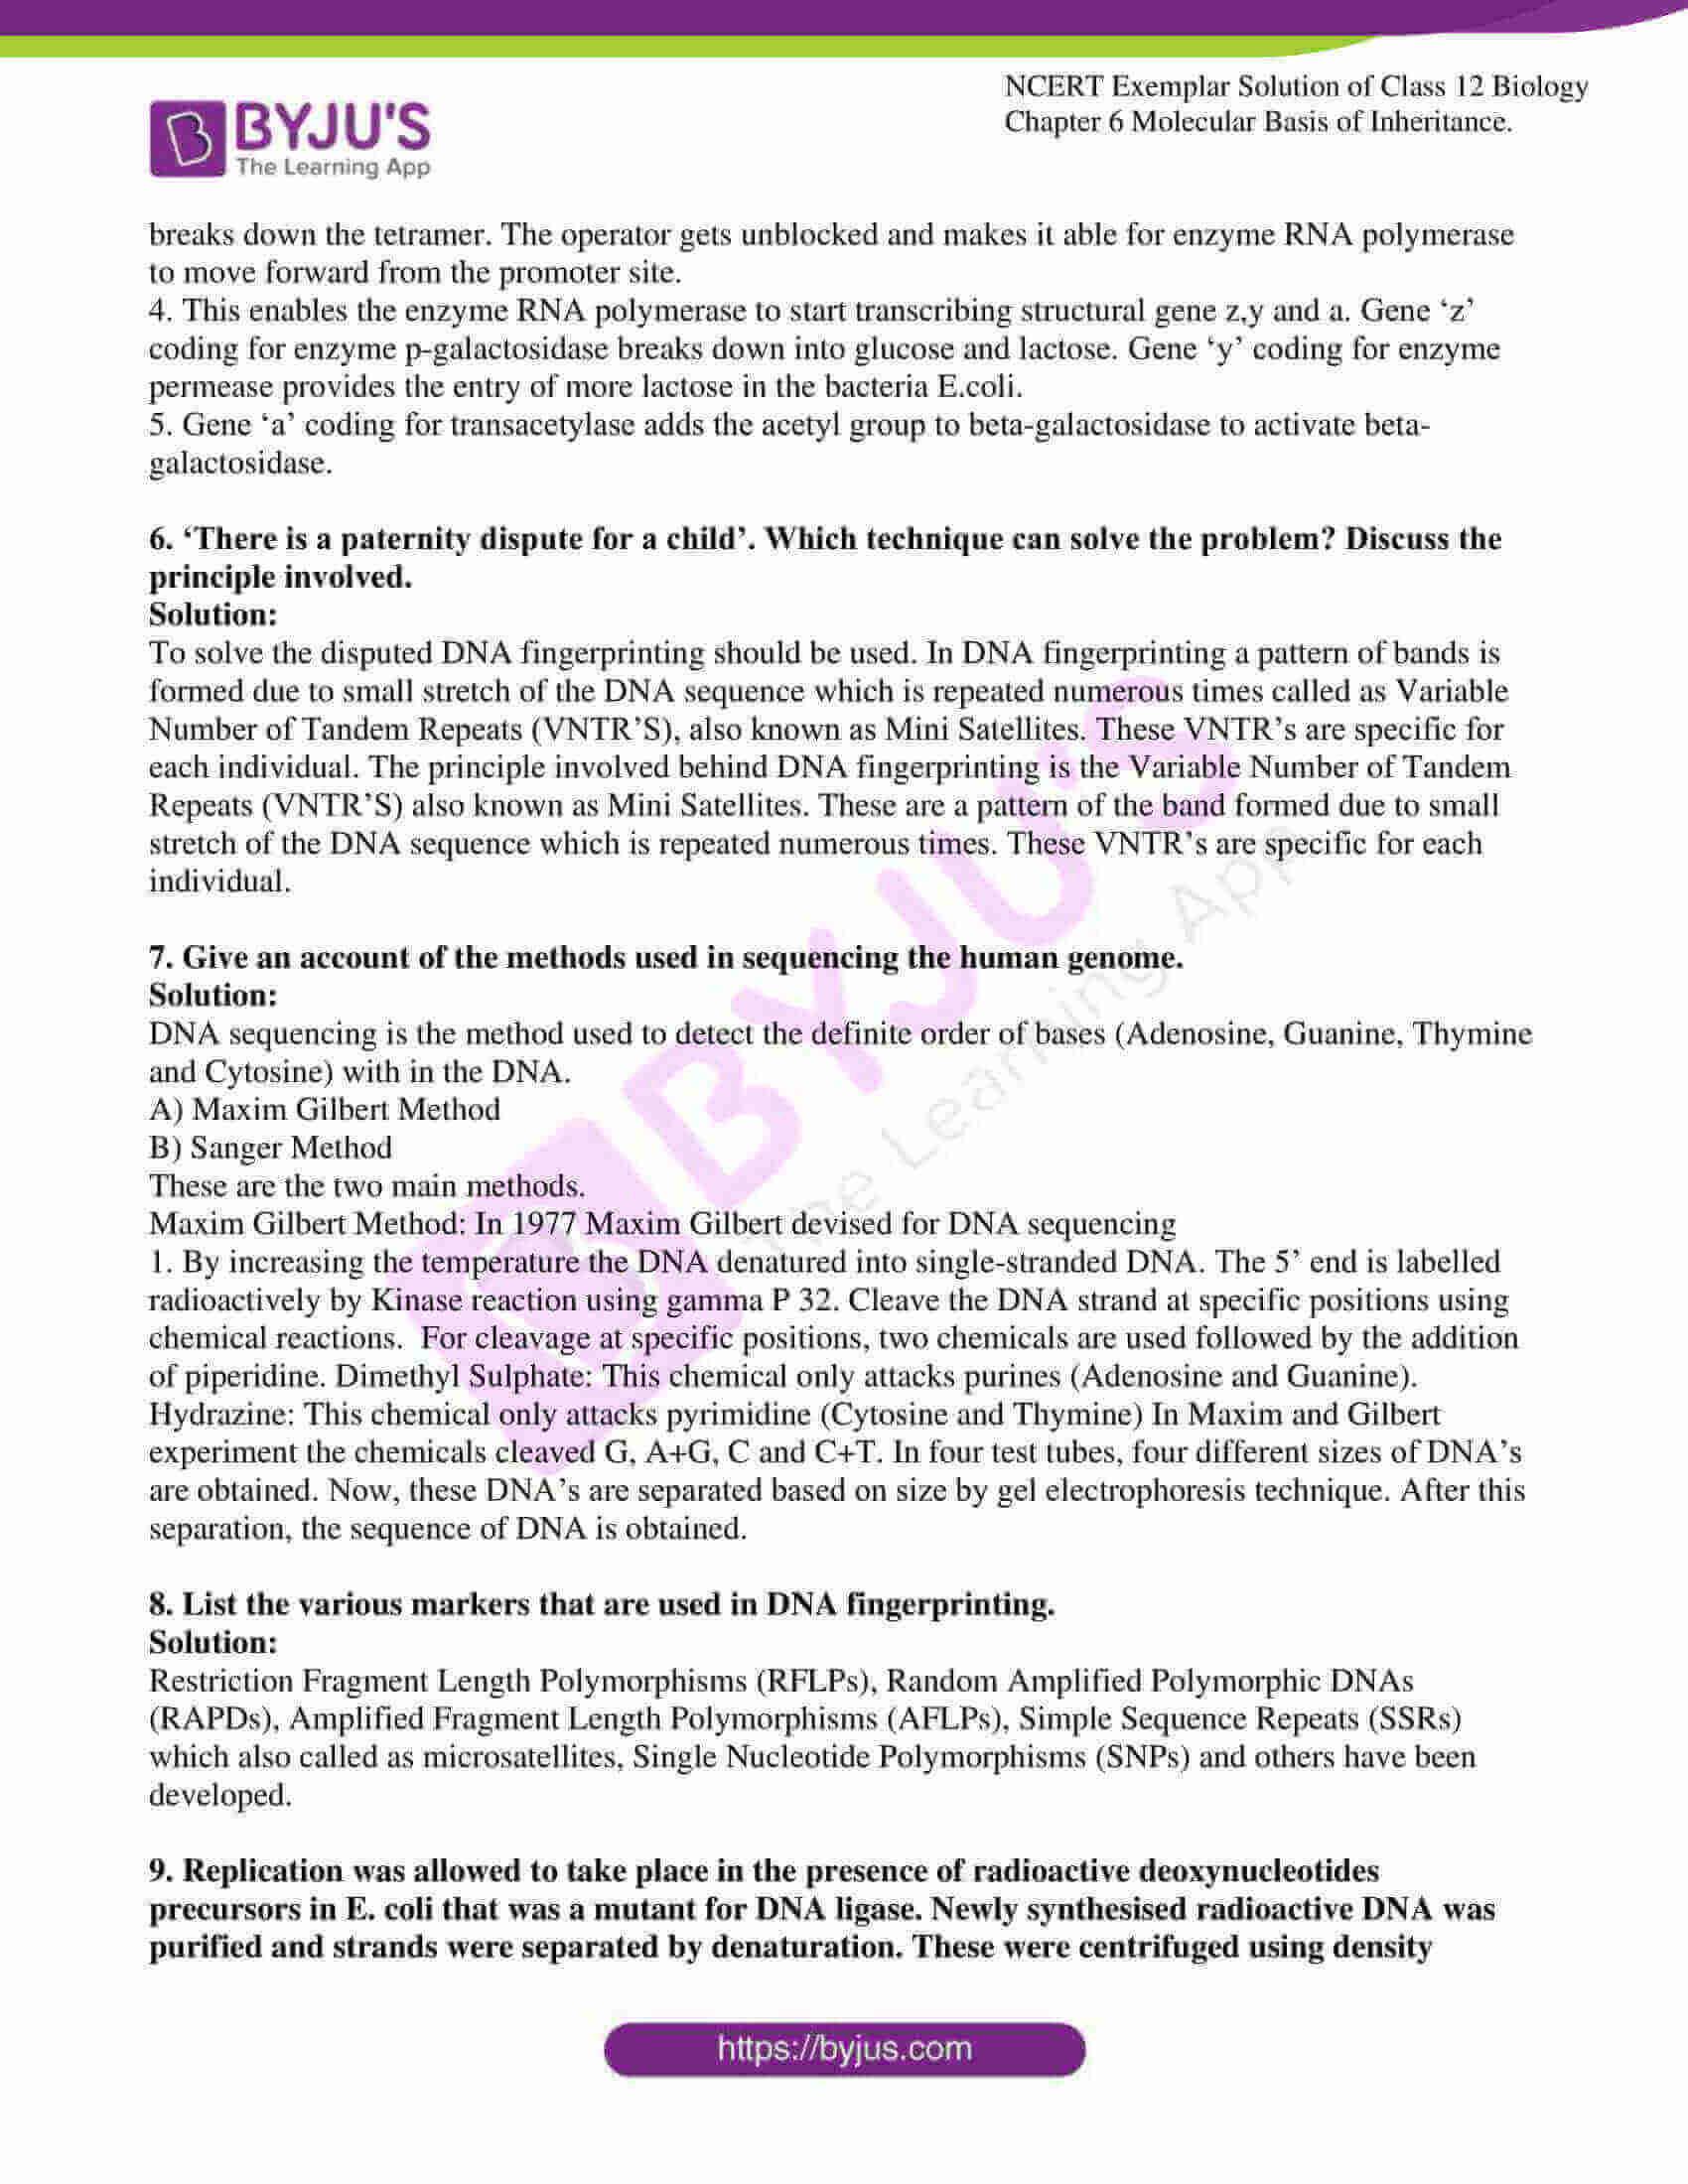 ncert exemplar solution of class 12 biology chapter 6 14